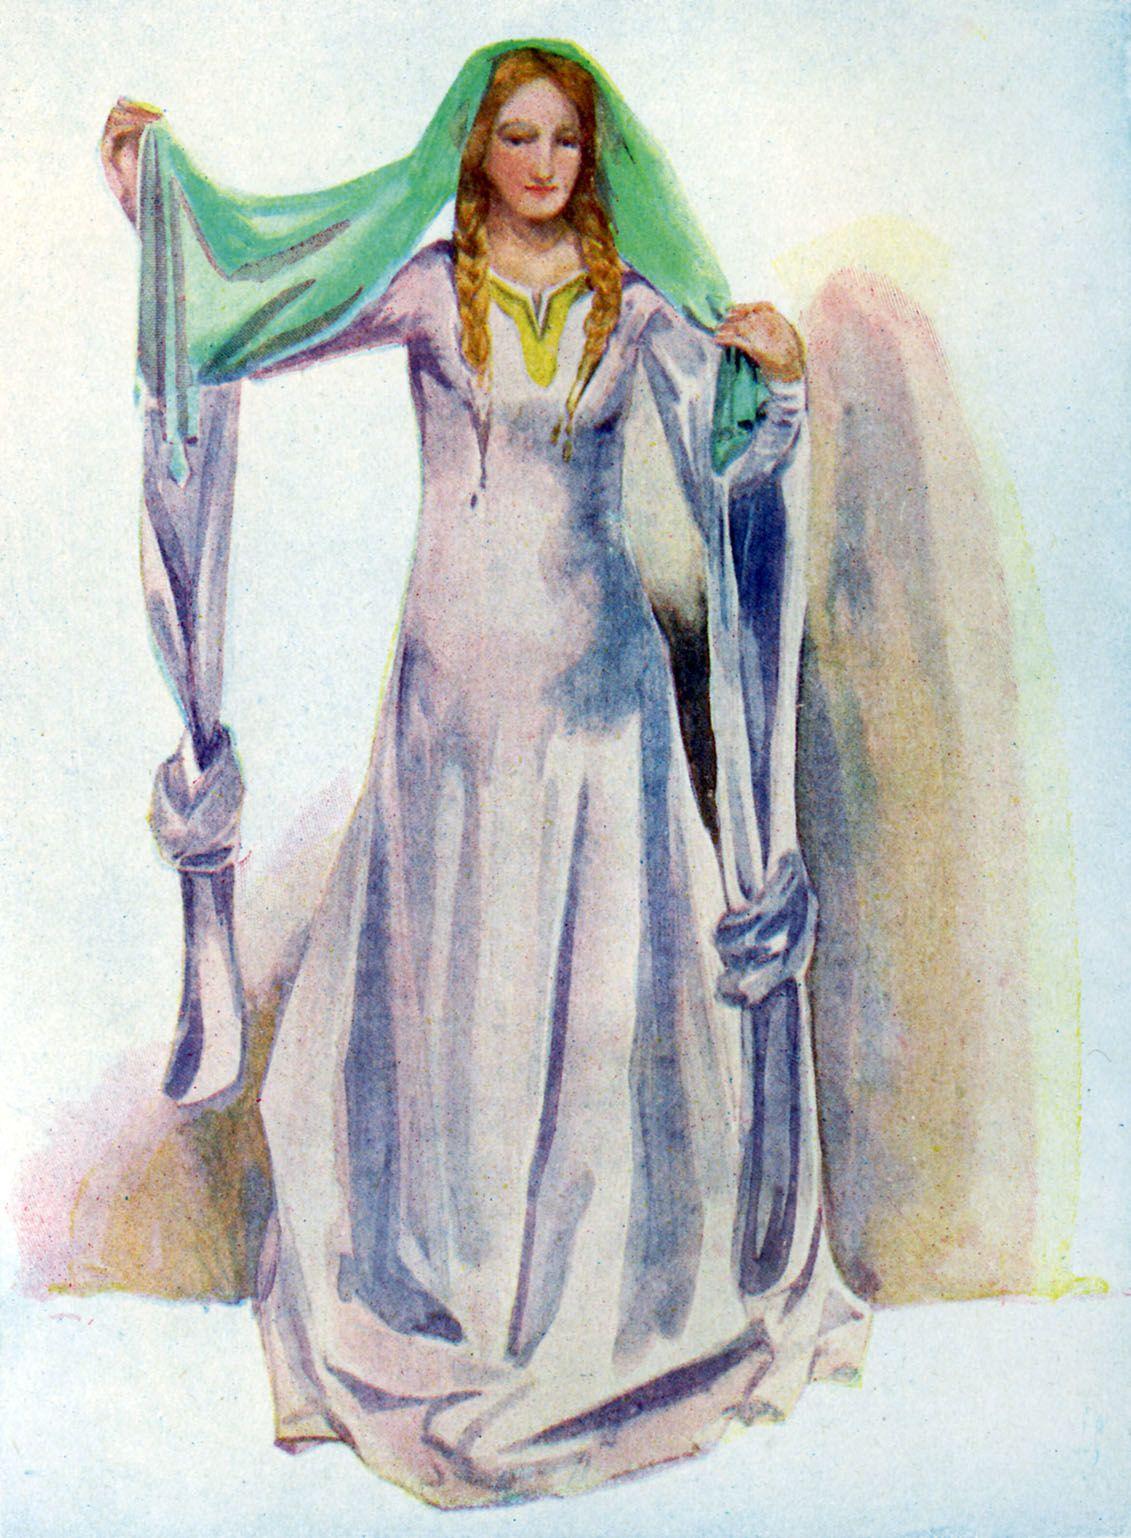 12. századi bliaut ruha, Dion Clayton Calthrop rajza 1907-ből.